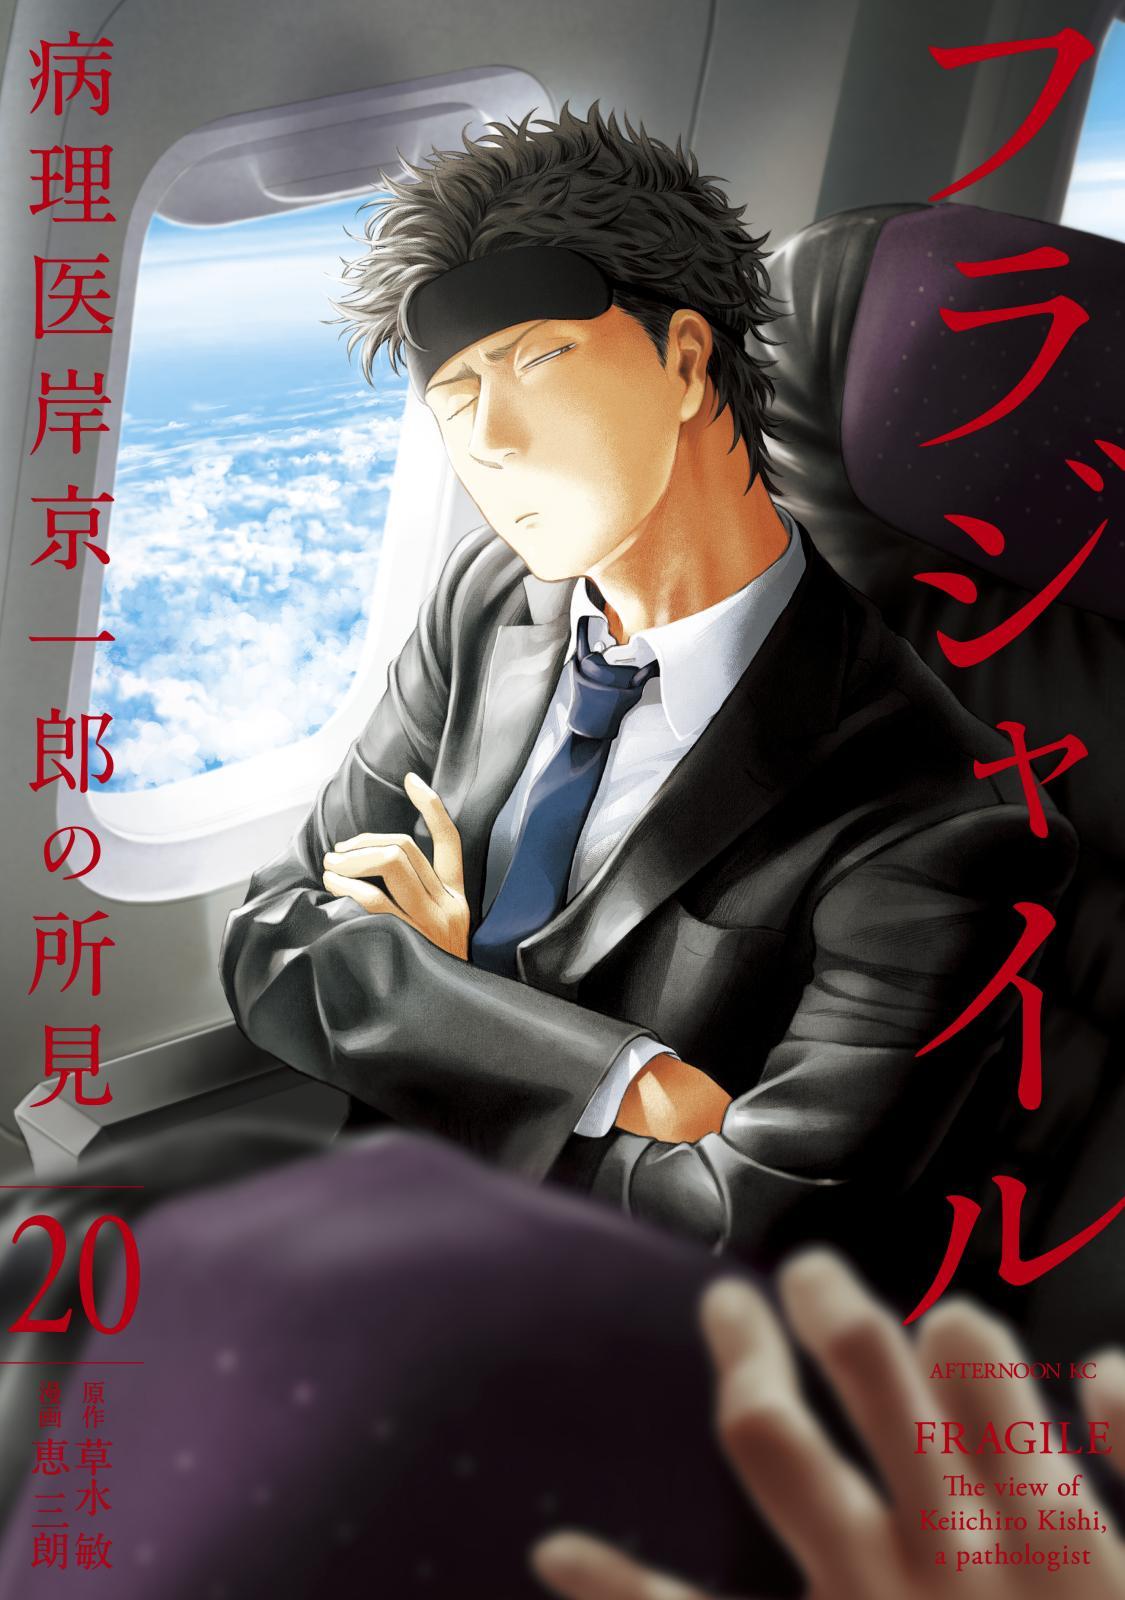 フラジャイル 病理医岸京一郎の所見(20)